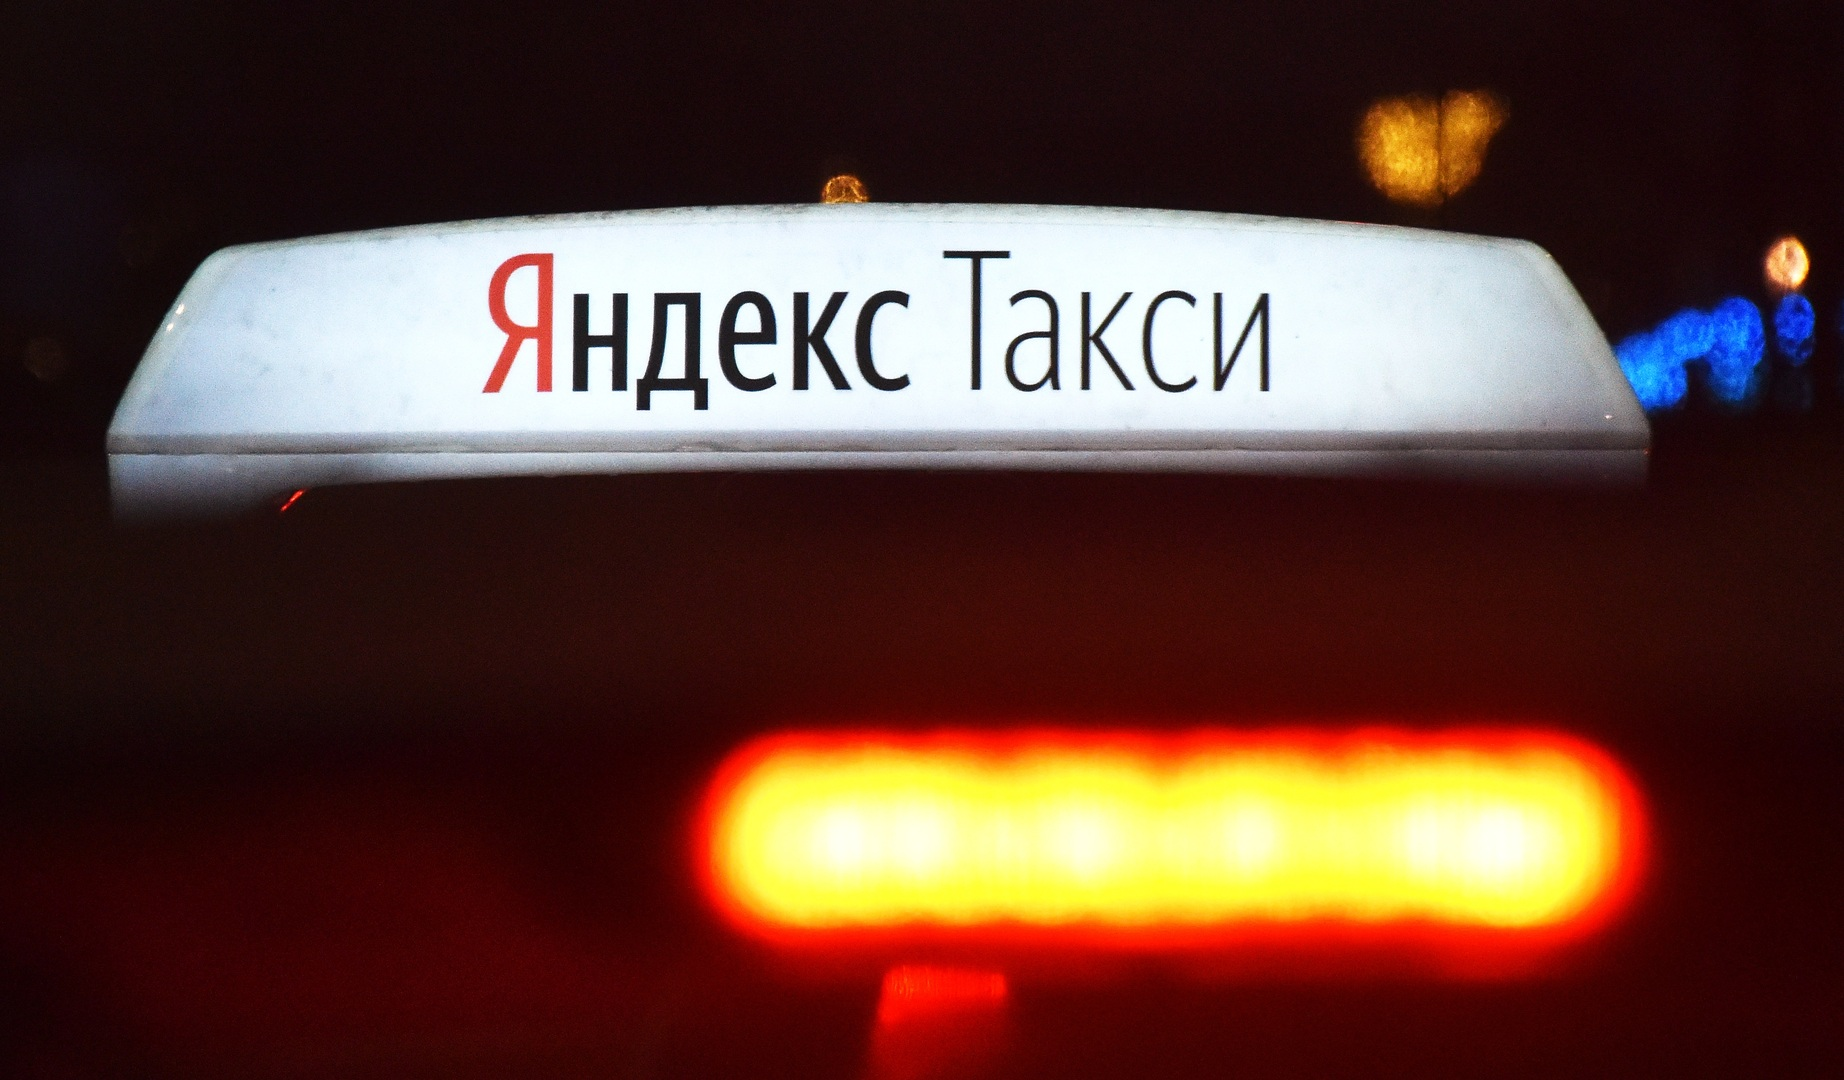 مستثمرون دوليون بقيادة صندوق سيادي روسي يستثمرون في